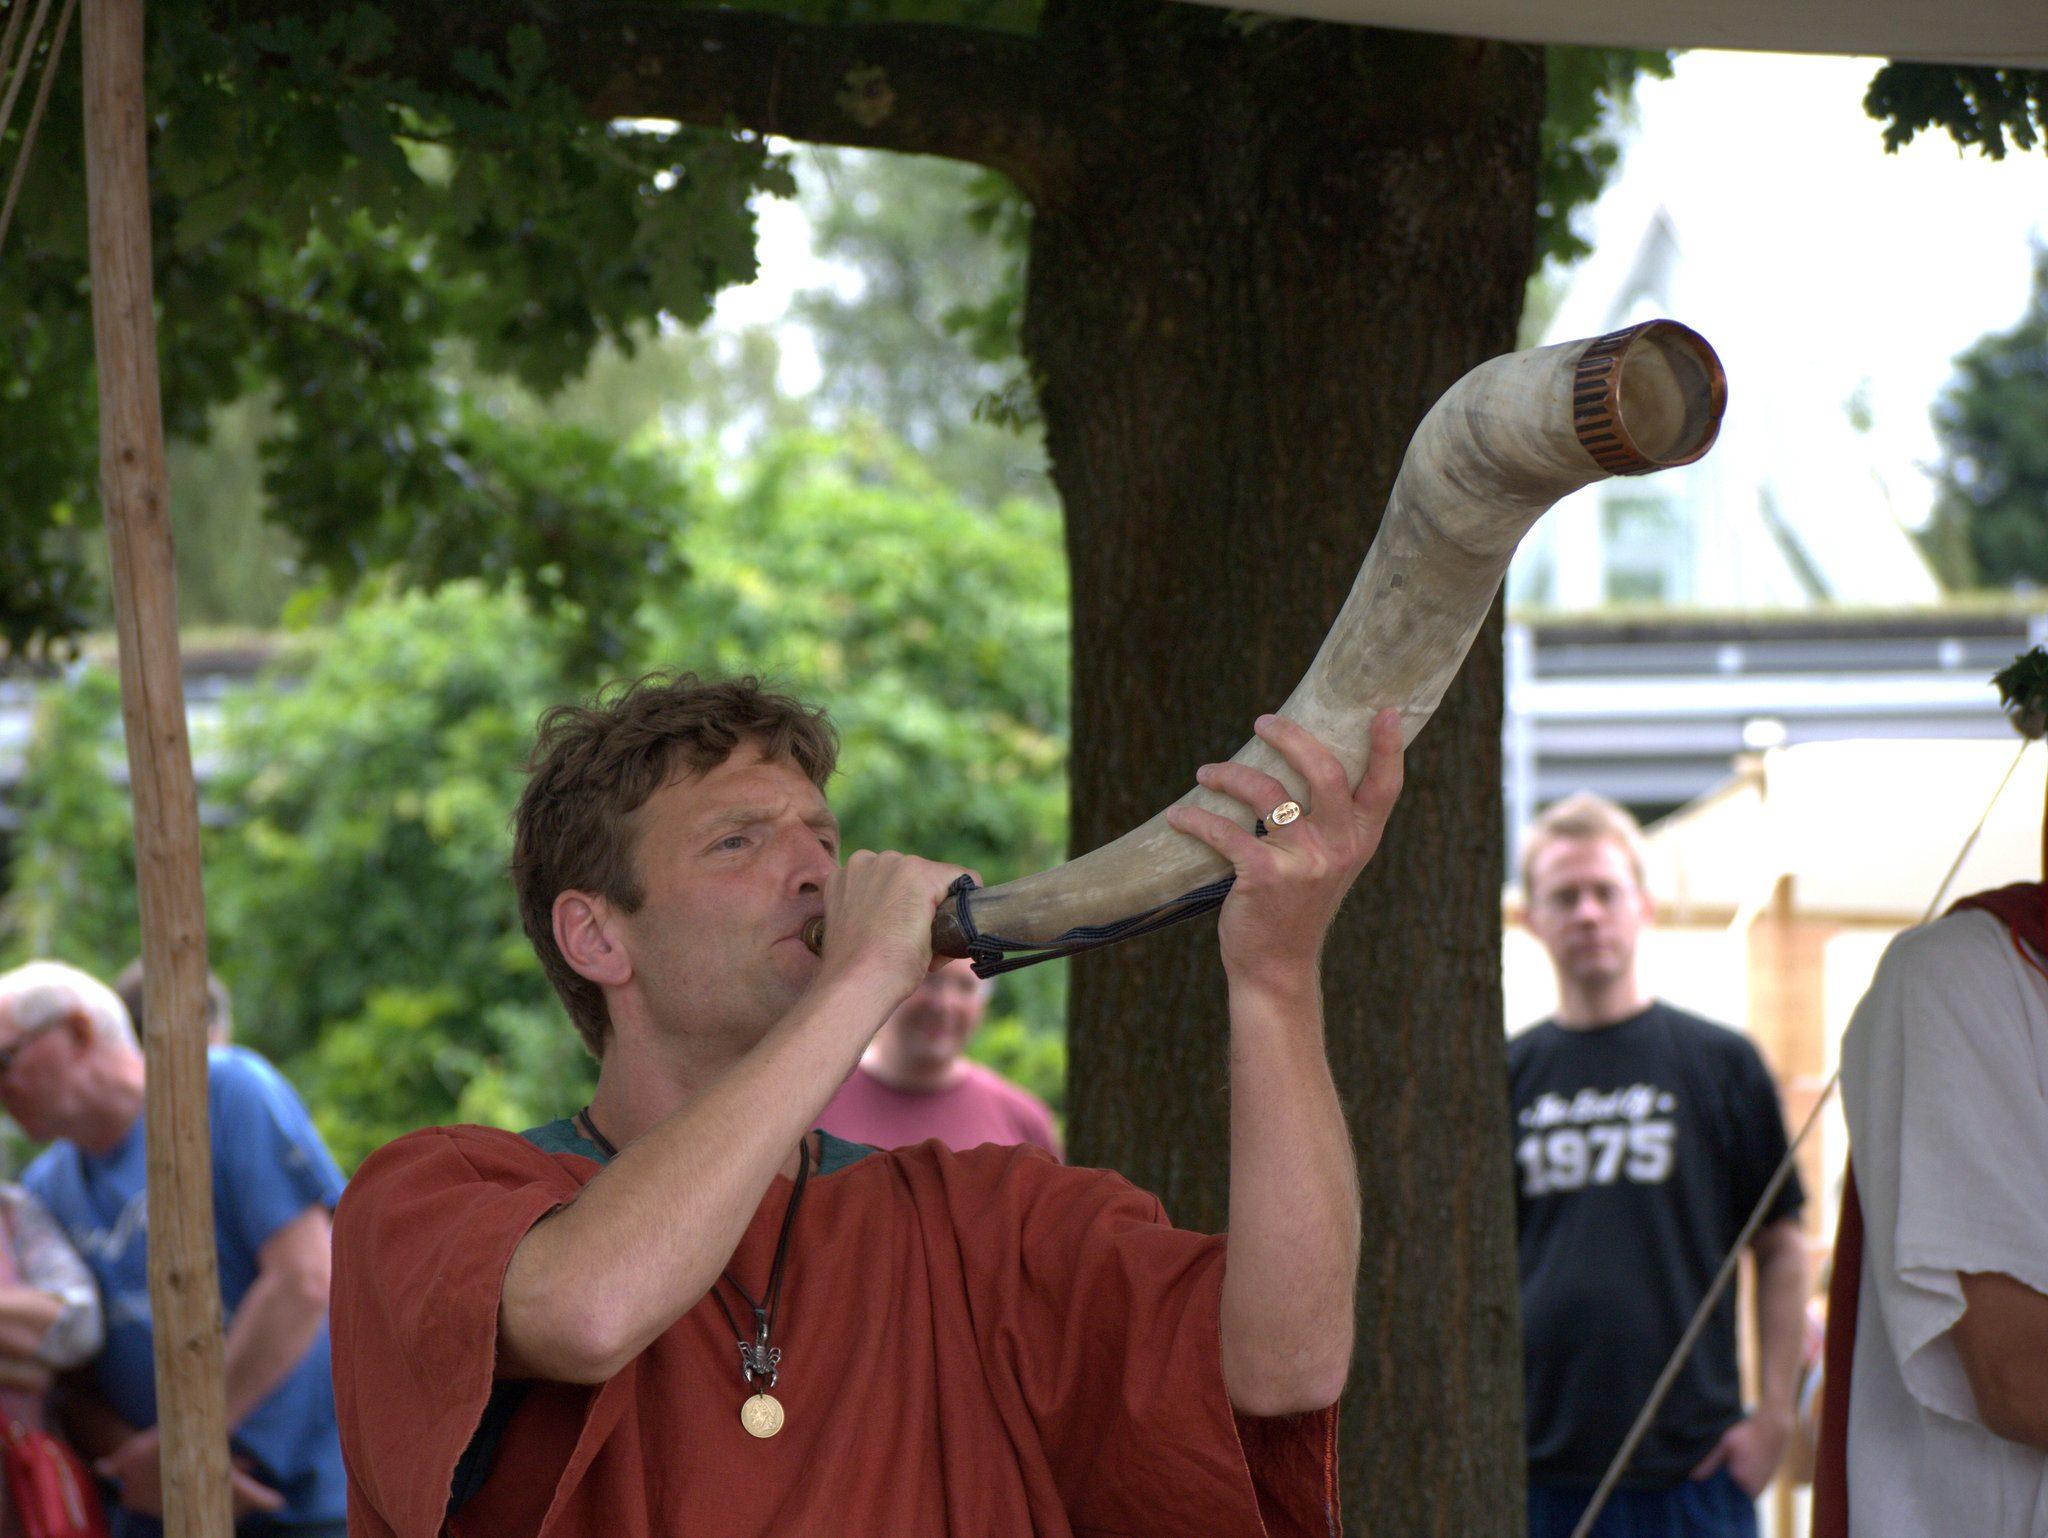 Gespielt werden die Instrument auch, ob auf dem Büffelhorn...